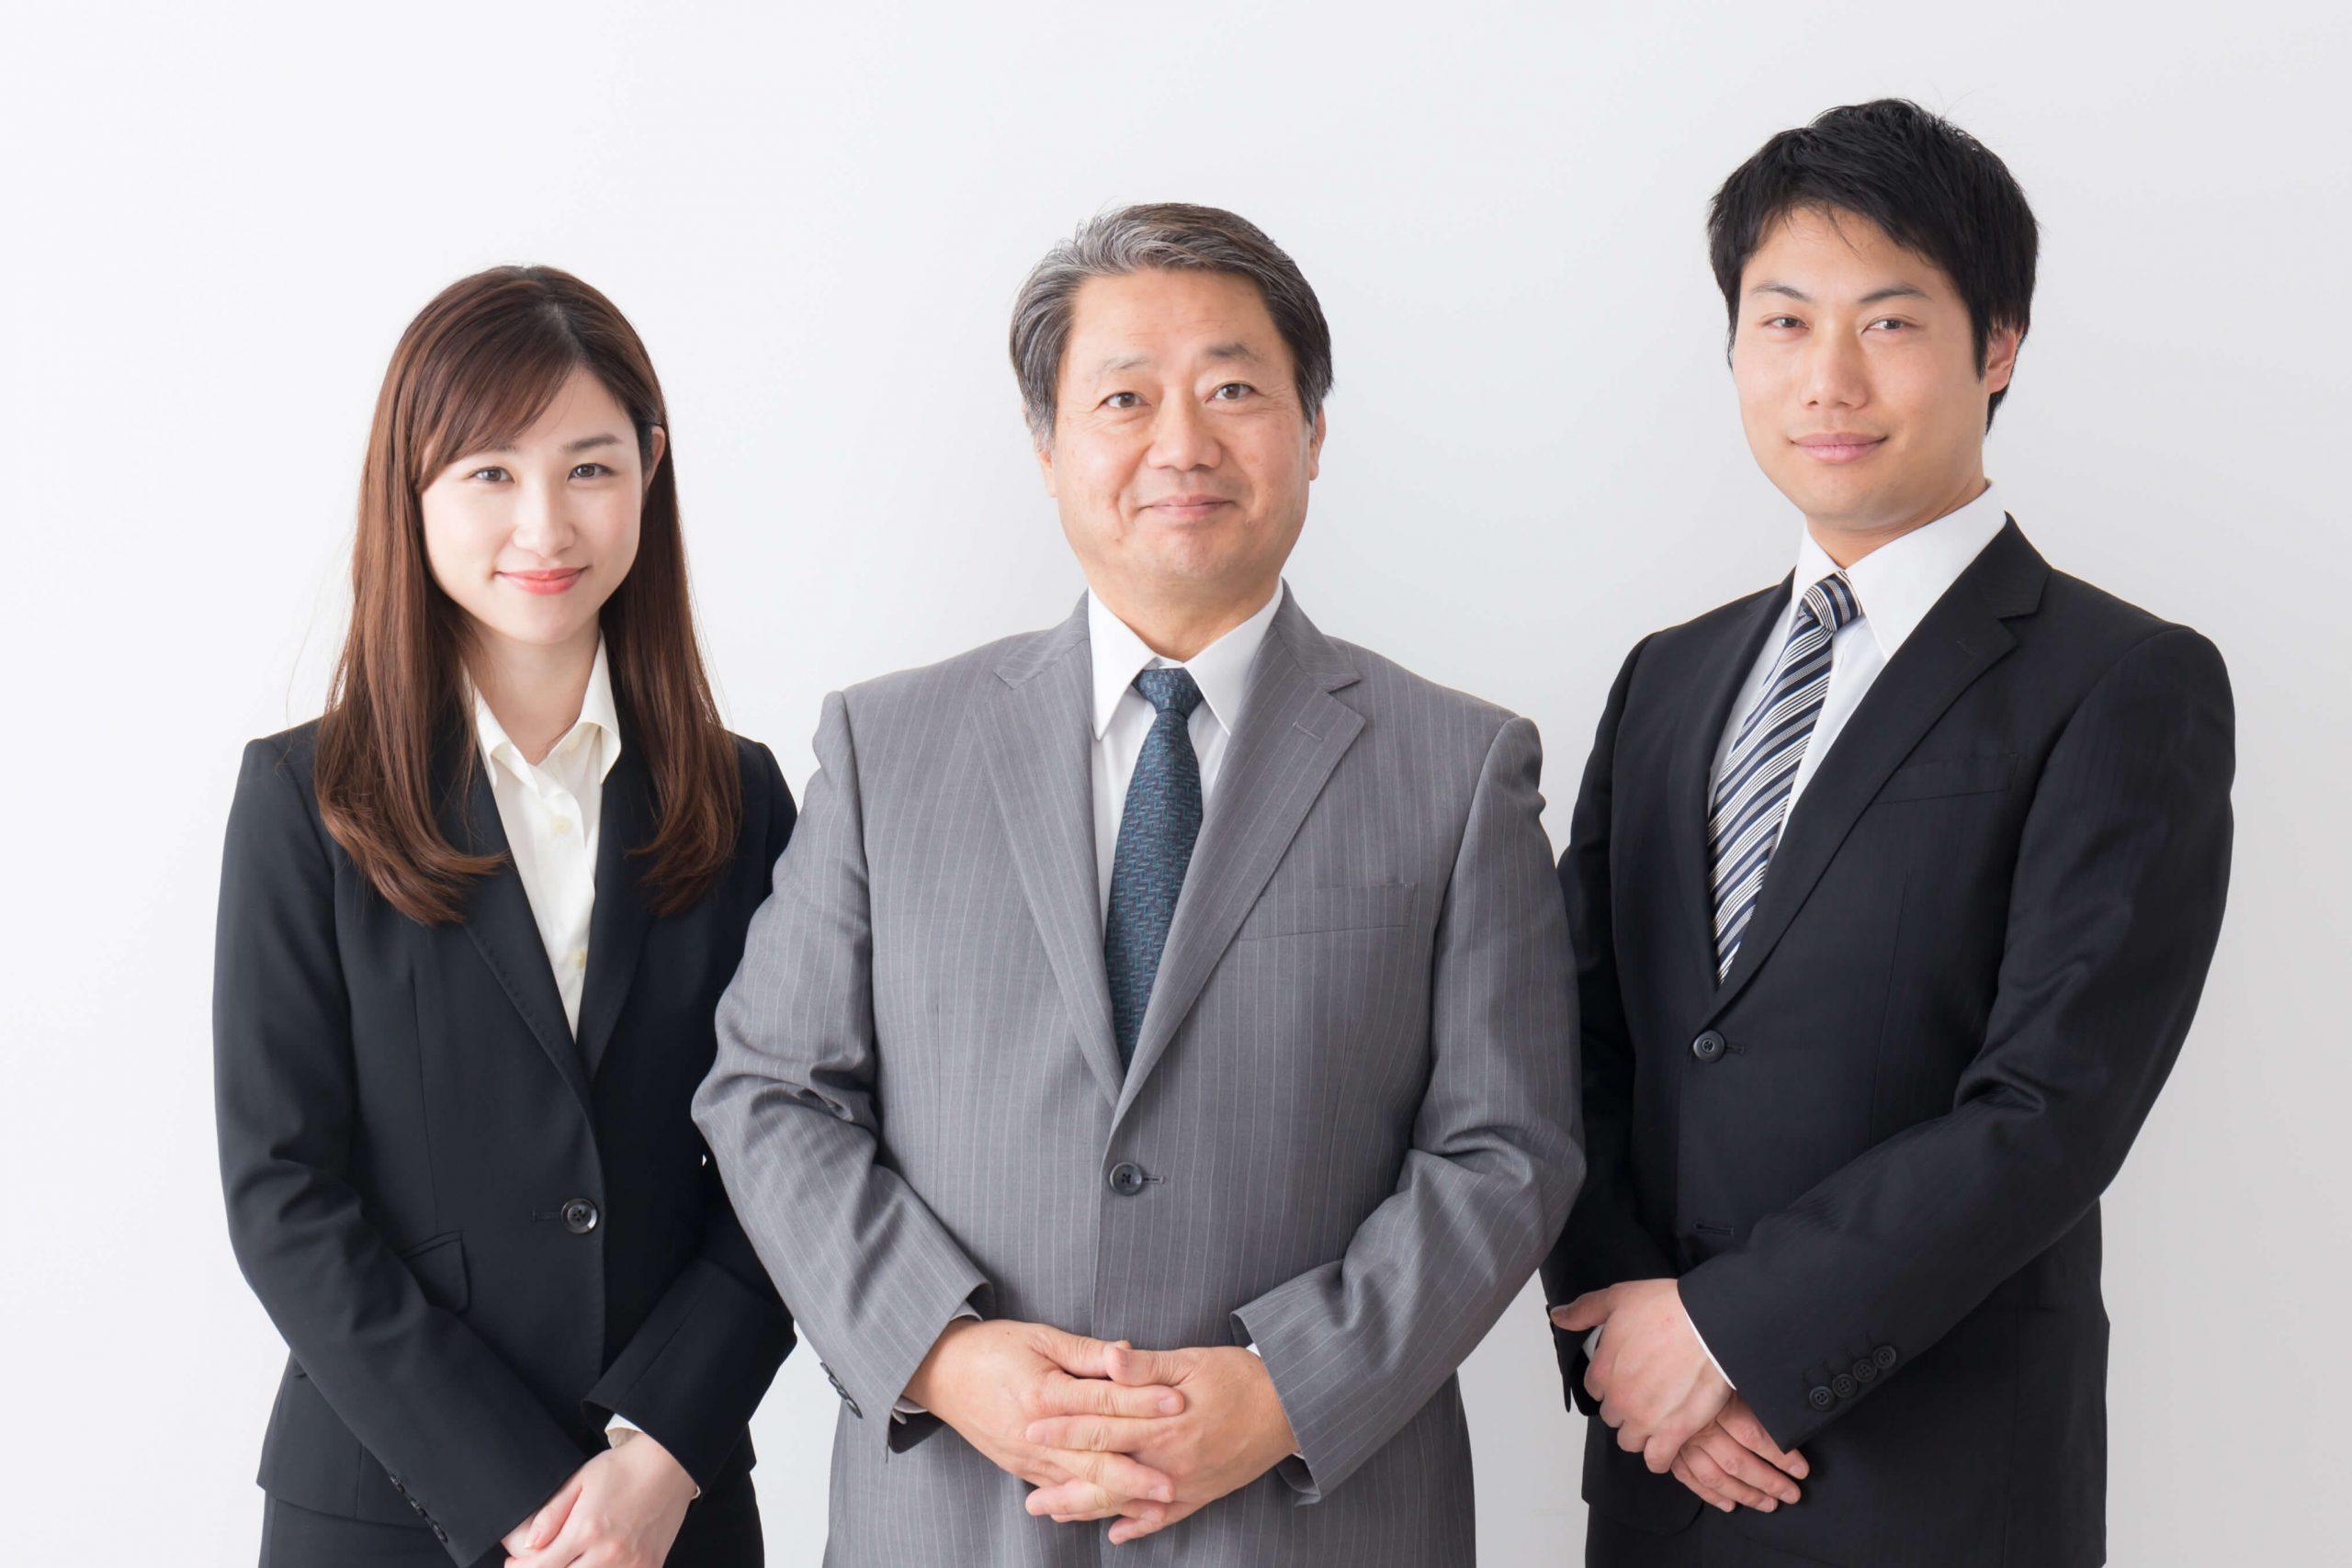 3人の社員